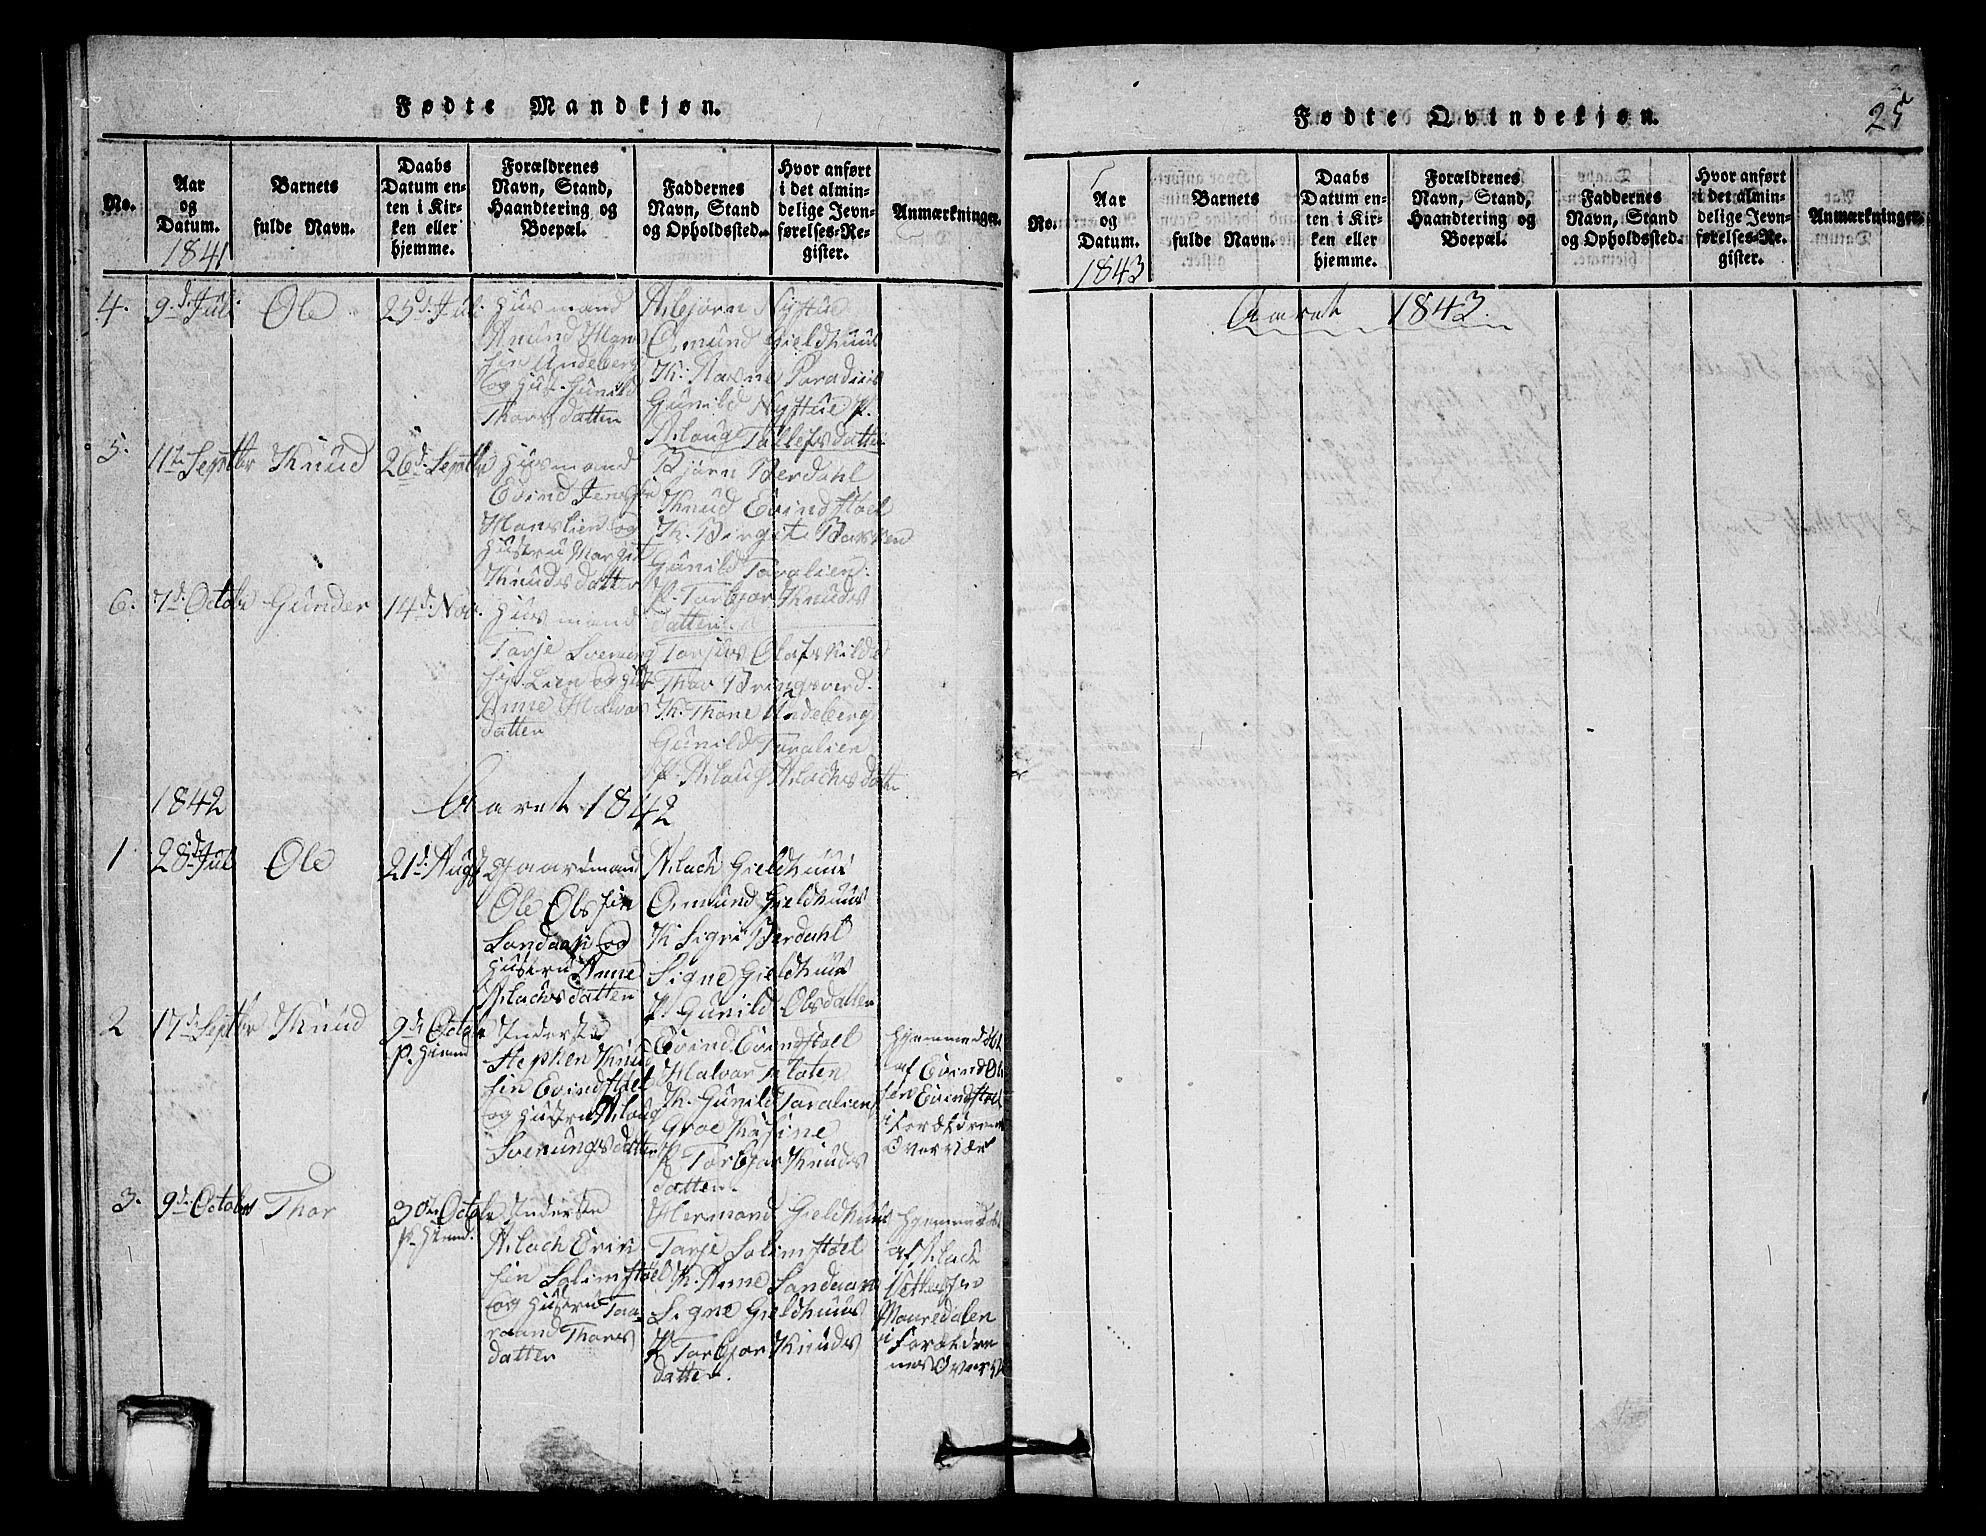 SAKO, Vinje kirkebøker, G/Gb/L0001: Klokkerbok nr. II 1, 1814-1843, s. 25